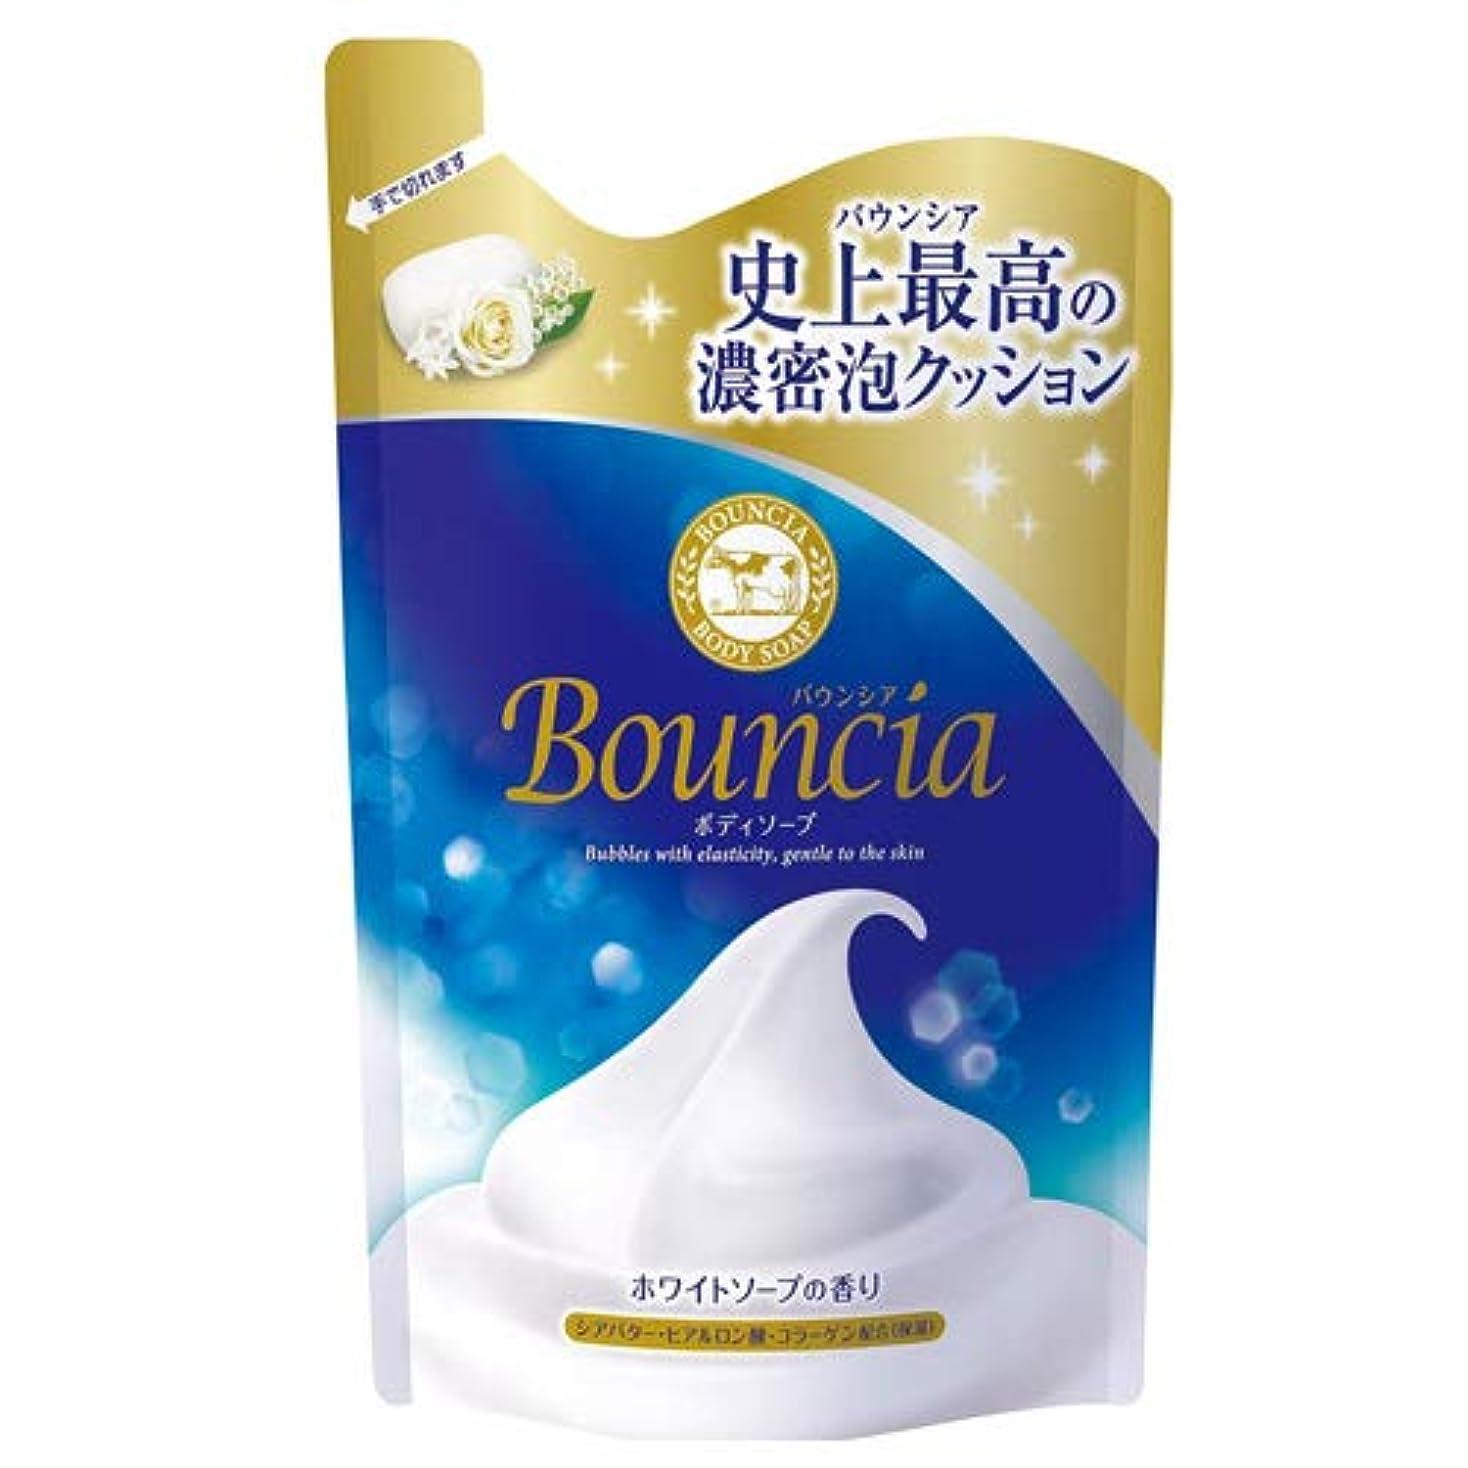 スタイルパースブラックボロウ同等の牛乳石鹸 バウンシア ボディソープ 詰替用 400ml×4個